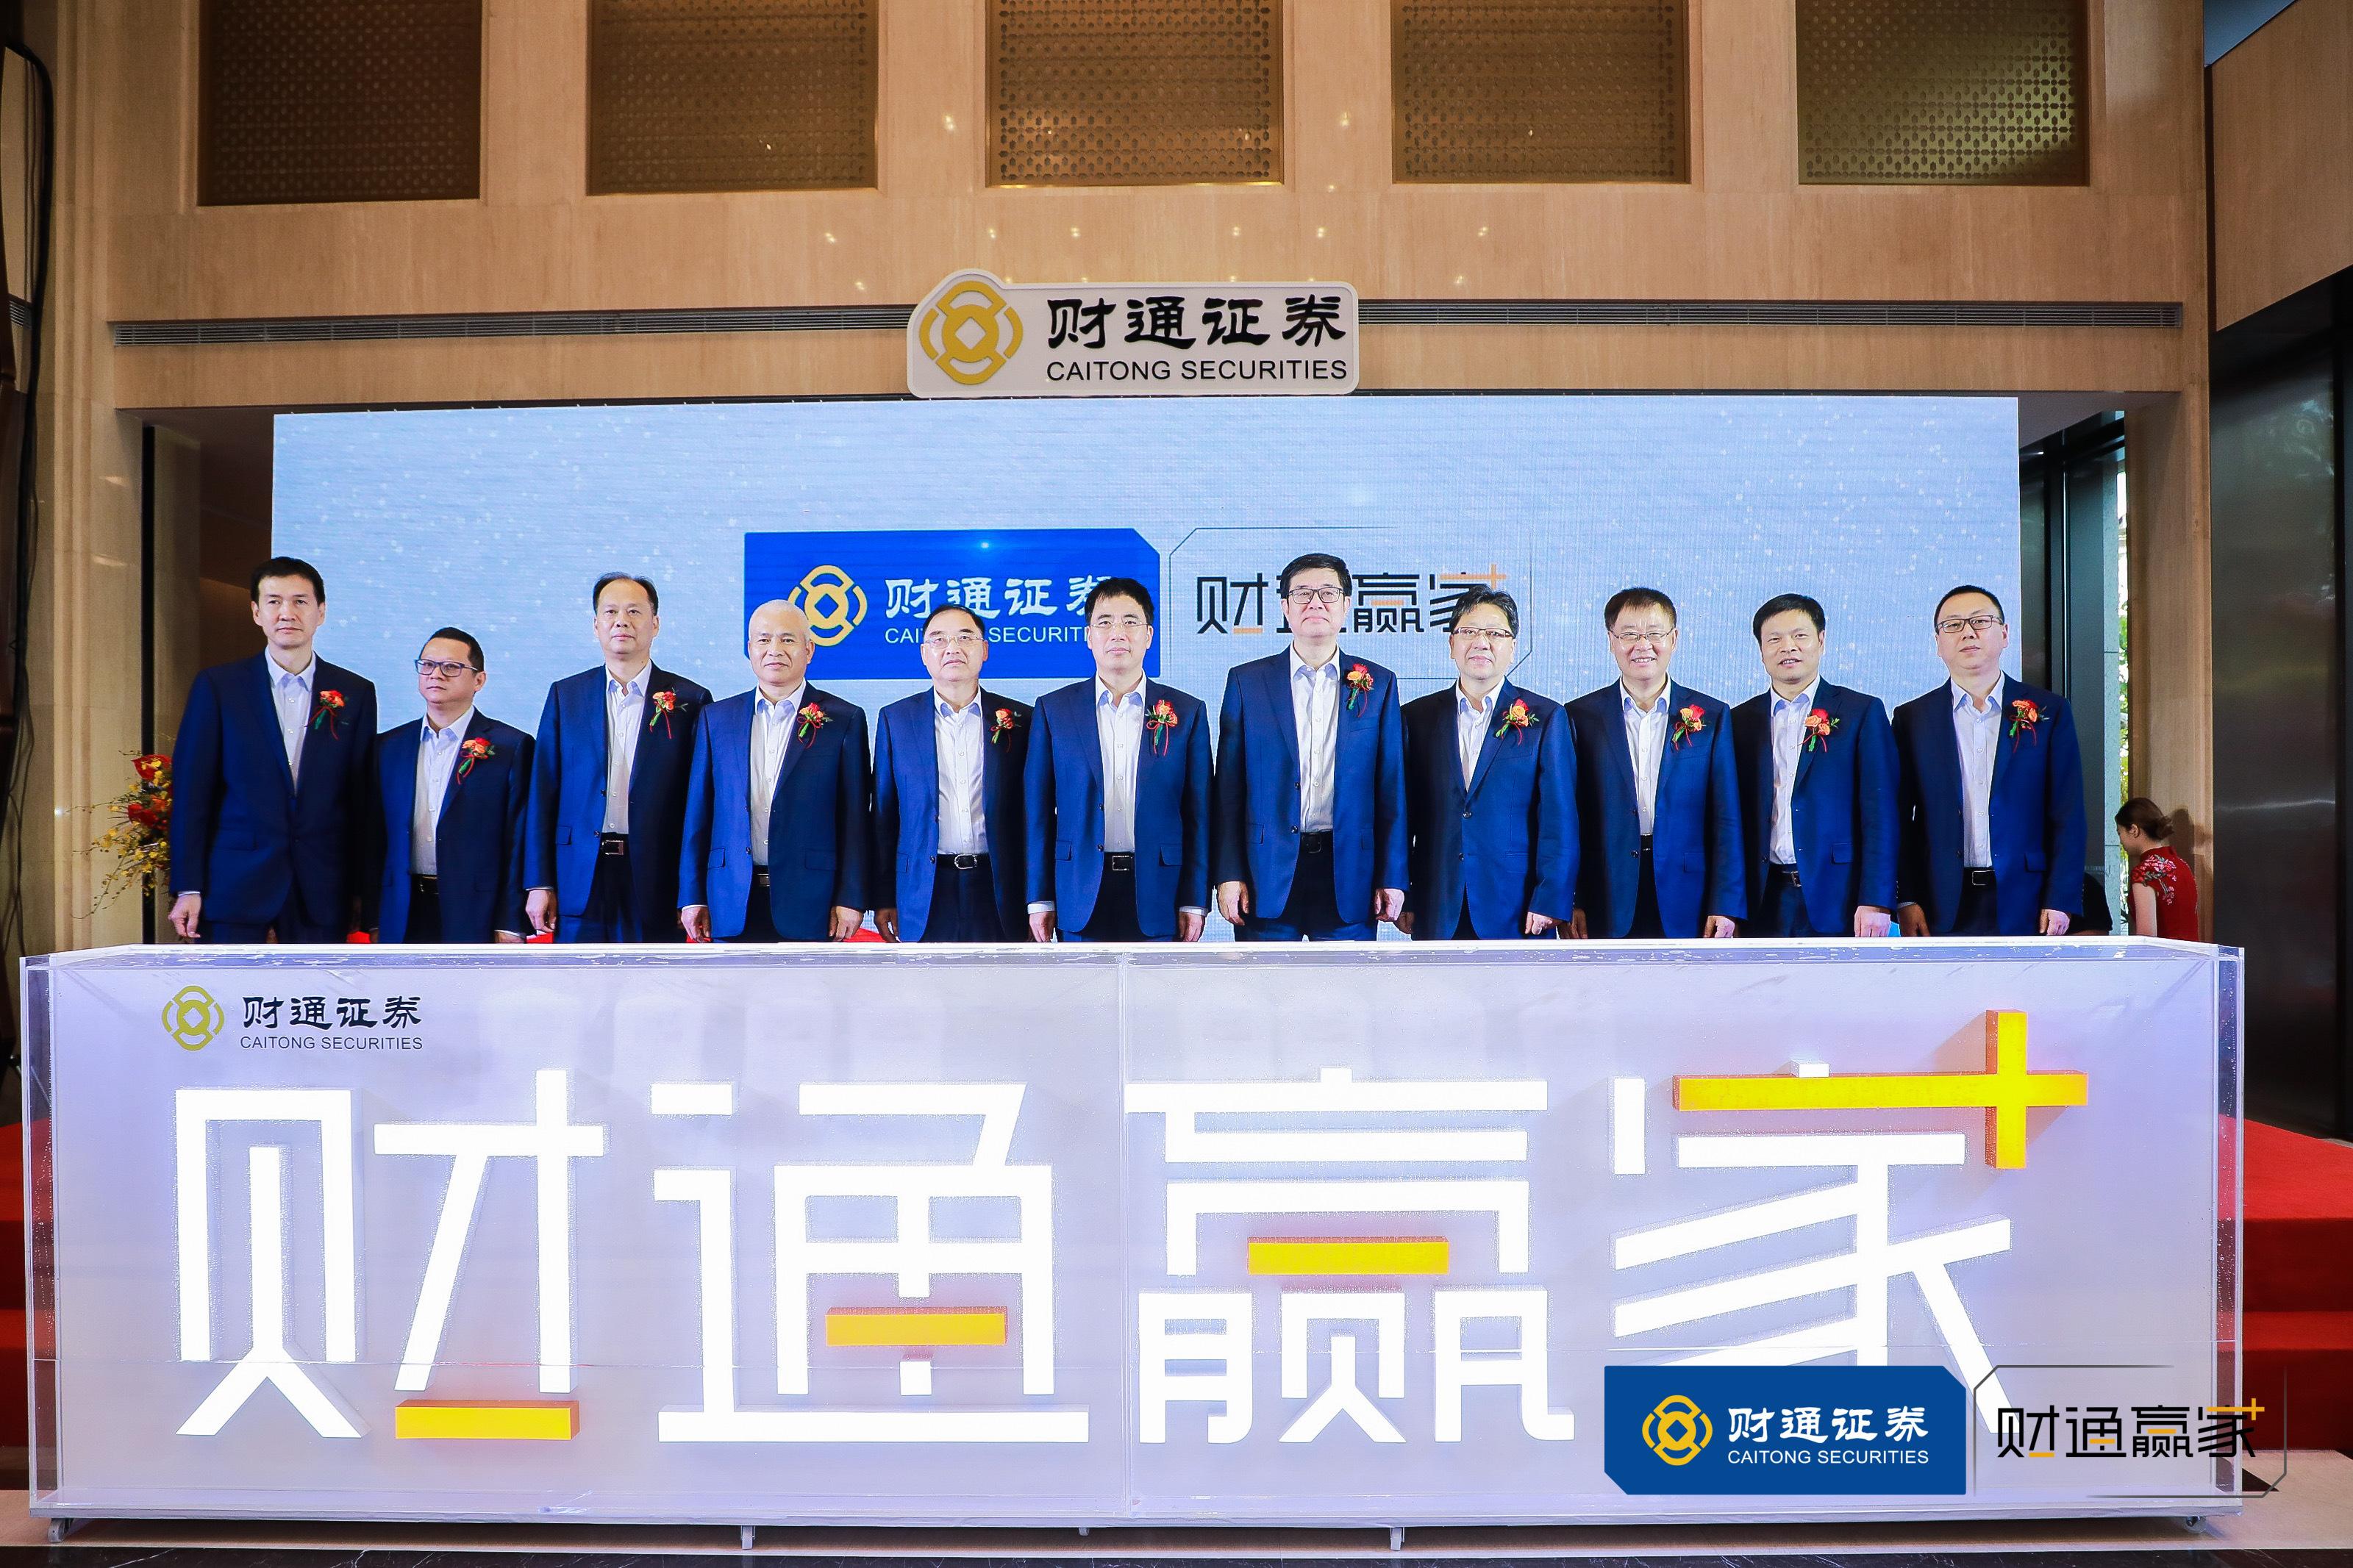 """上海""""总部""""大楼启用,""""财通赢家""""品牌首发 财通证券财富管理布局升级 双城联动服务居民财富保值增值"""